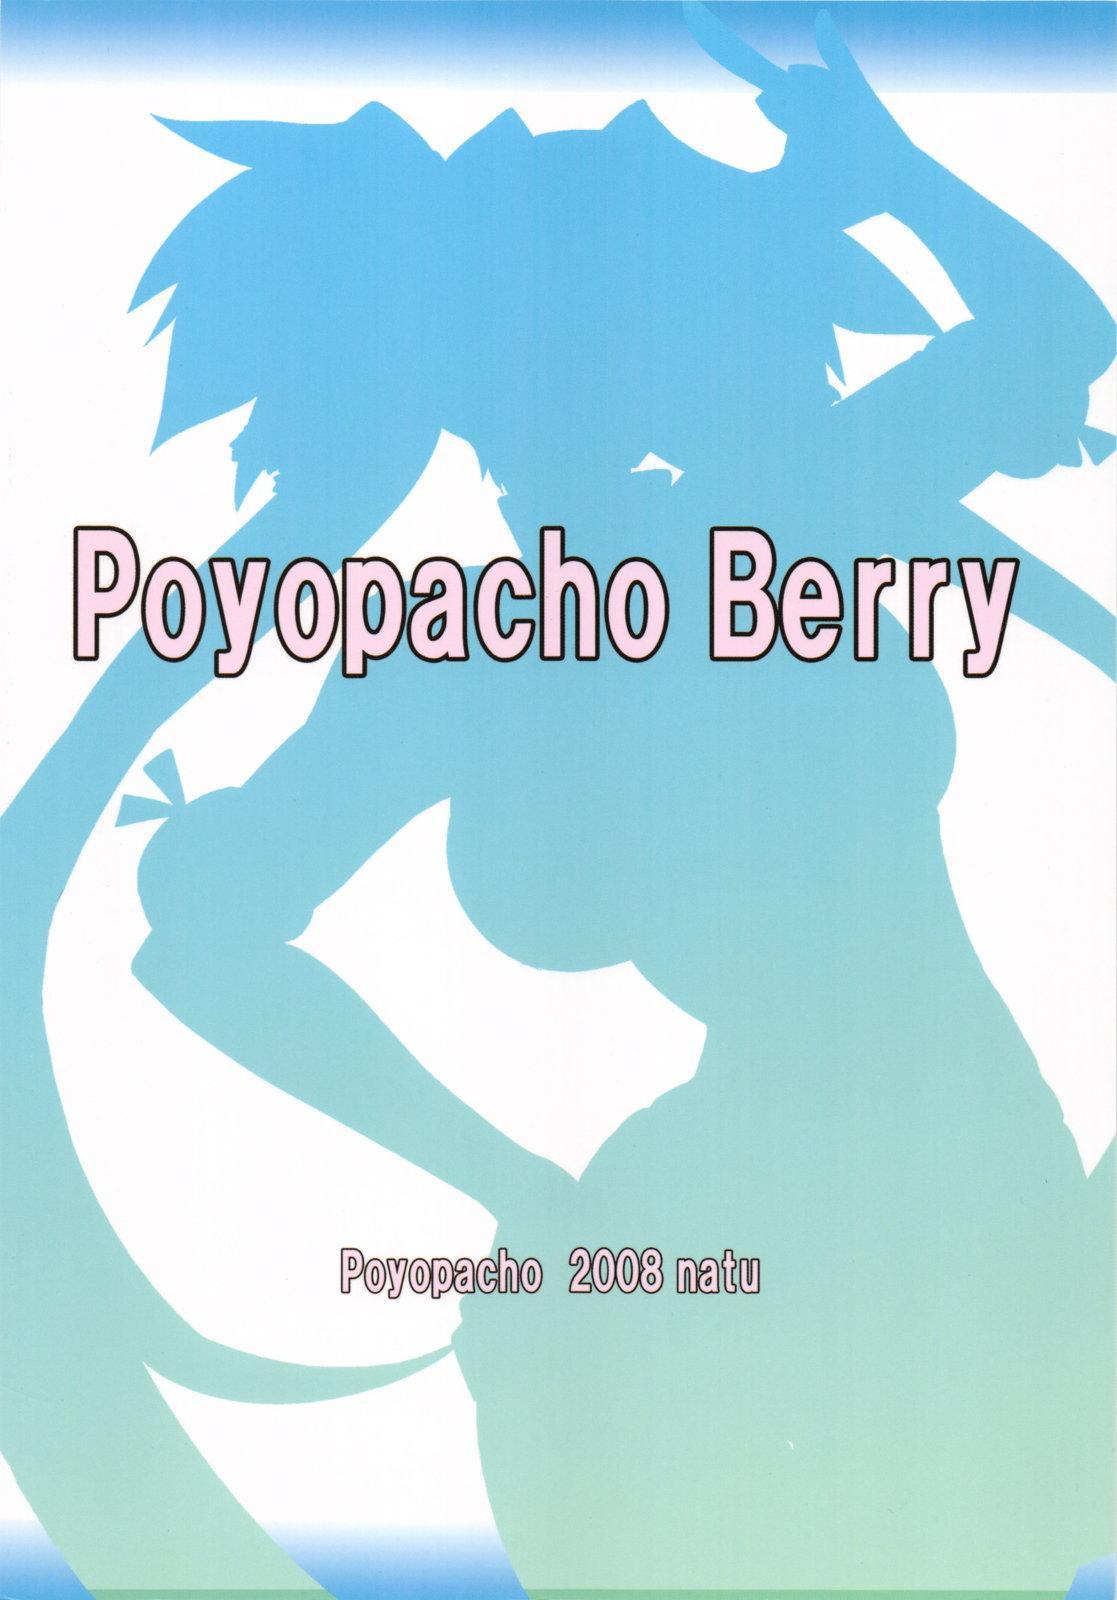 Poyopacho Berry 25